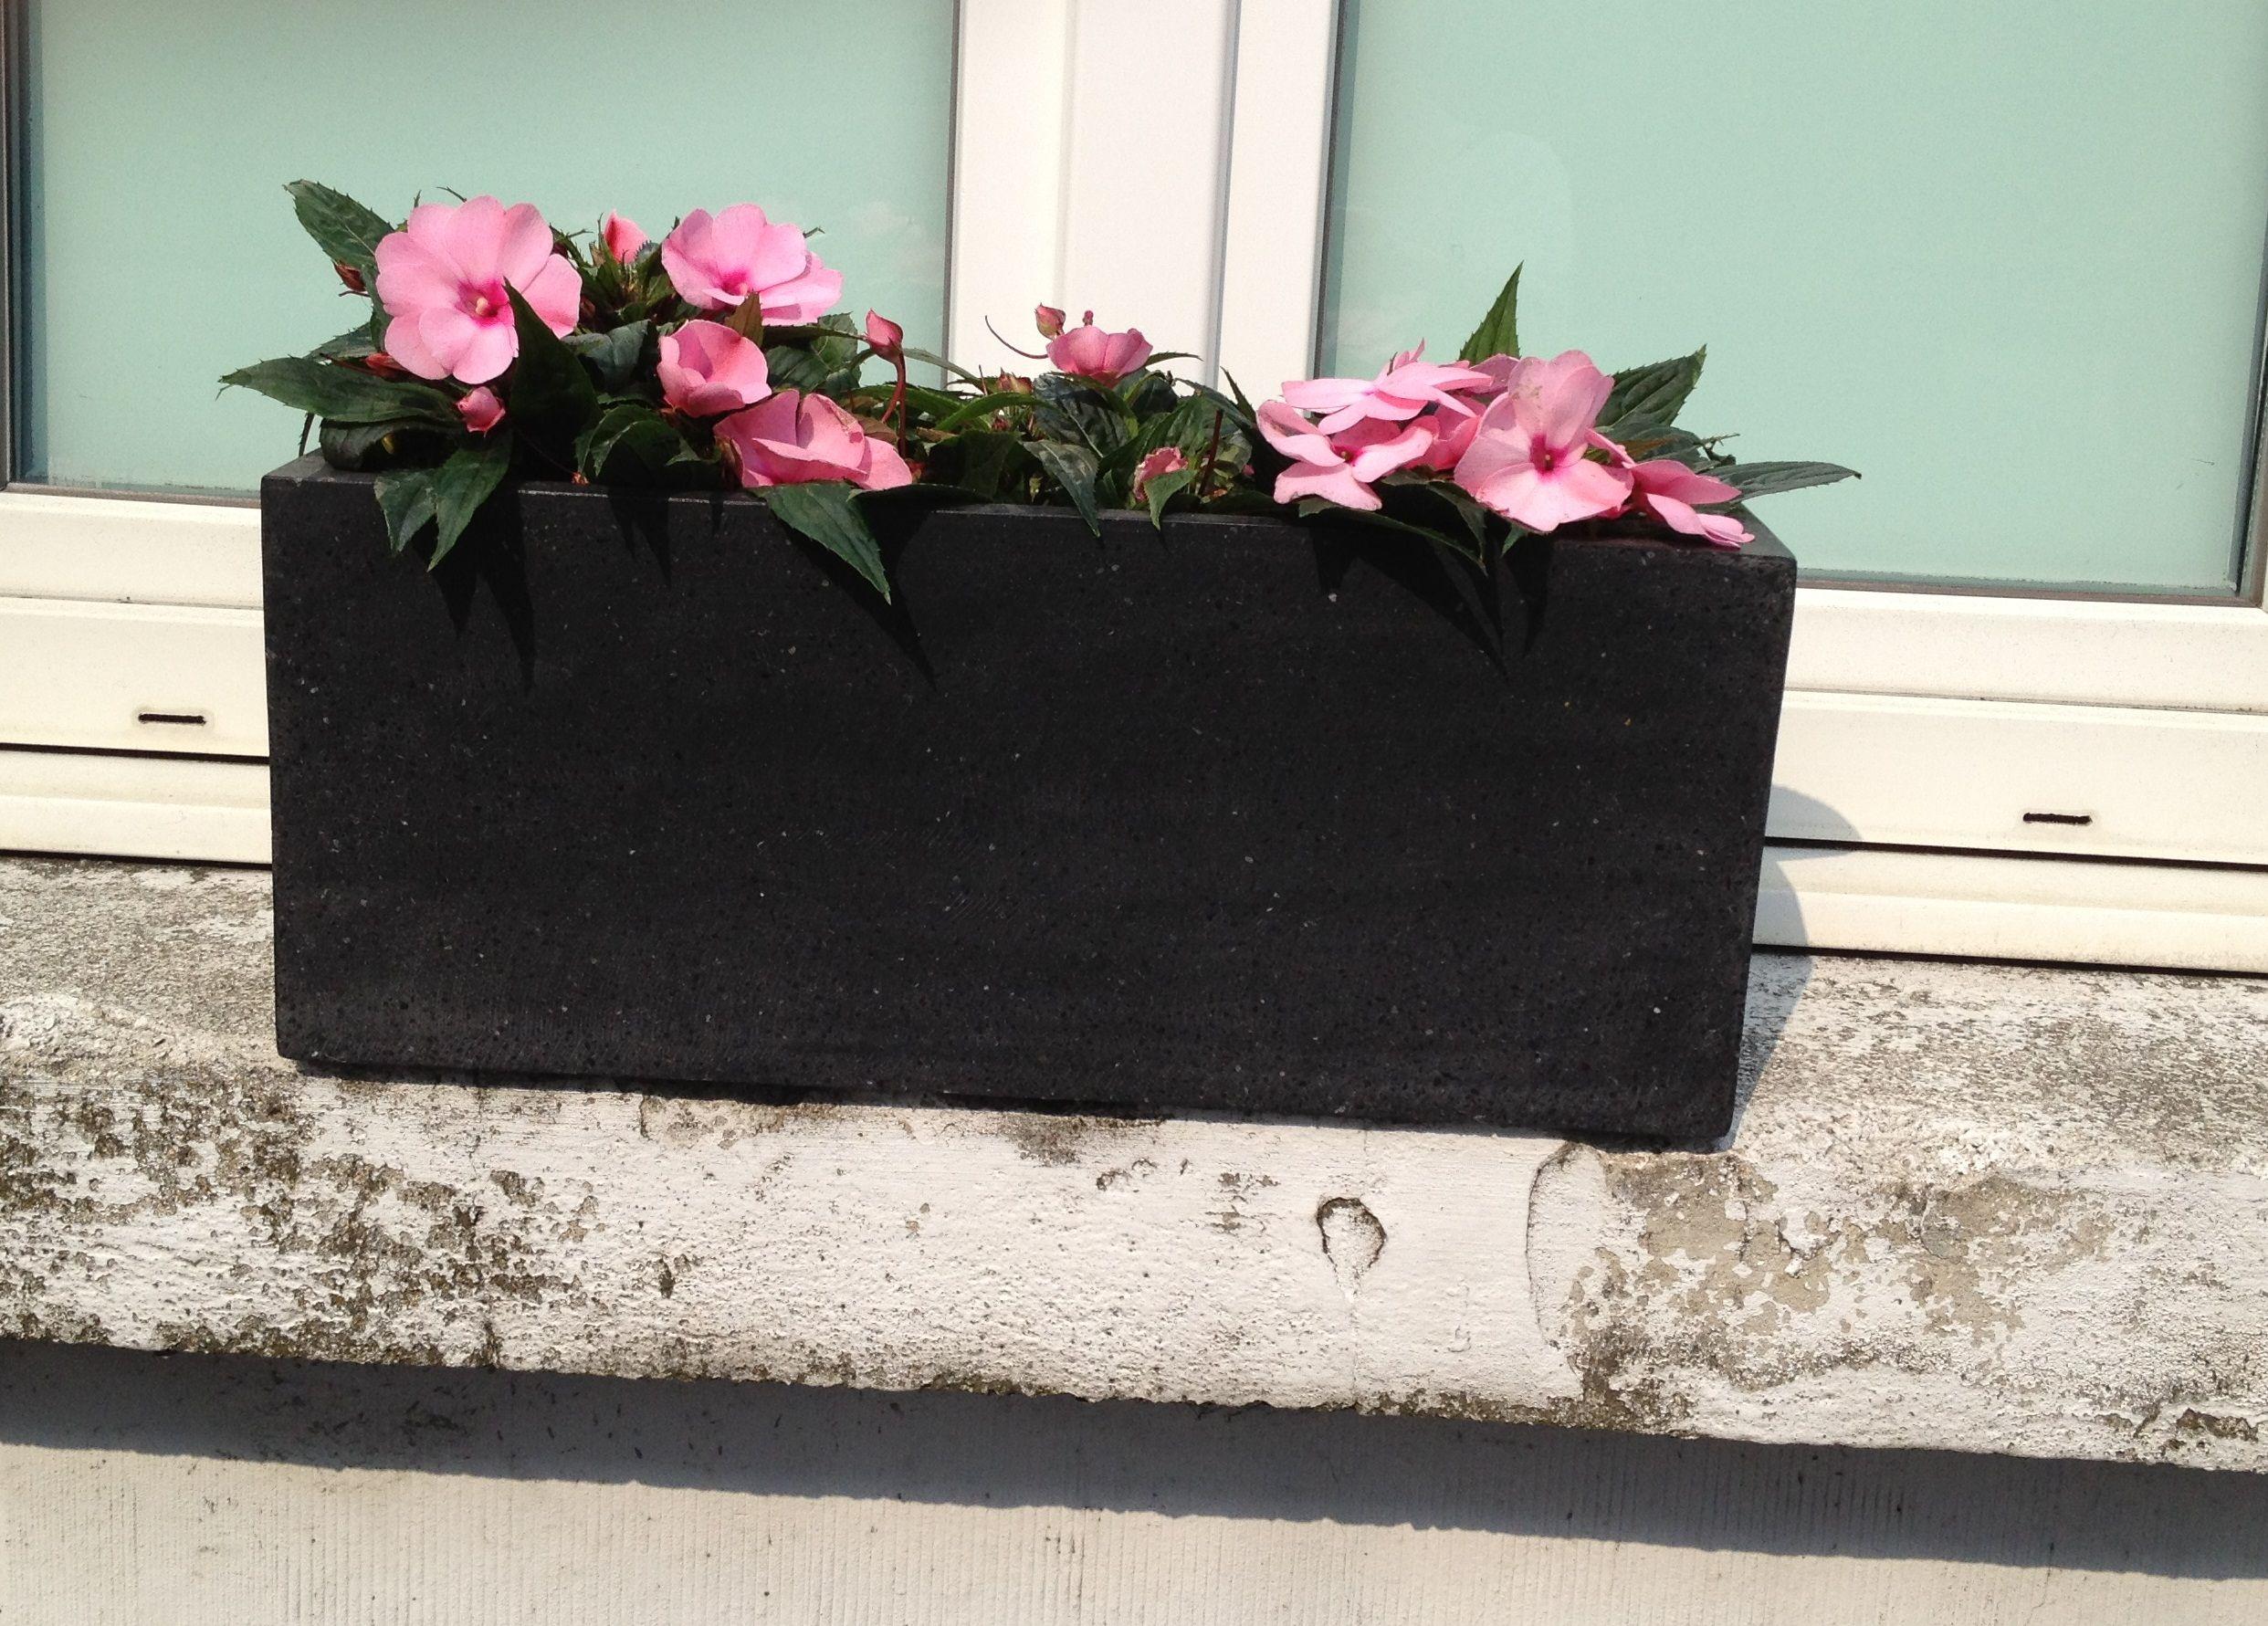 balconni re jardini re pour d corer les rebords des